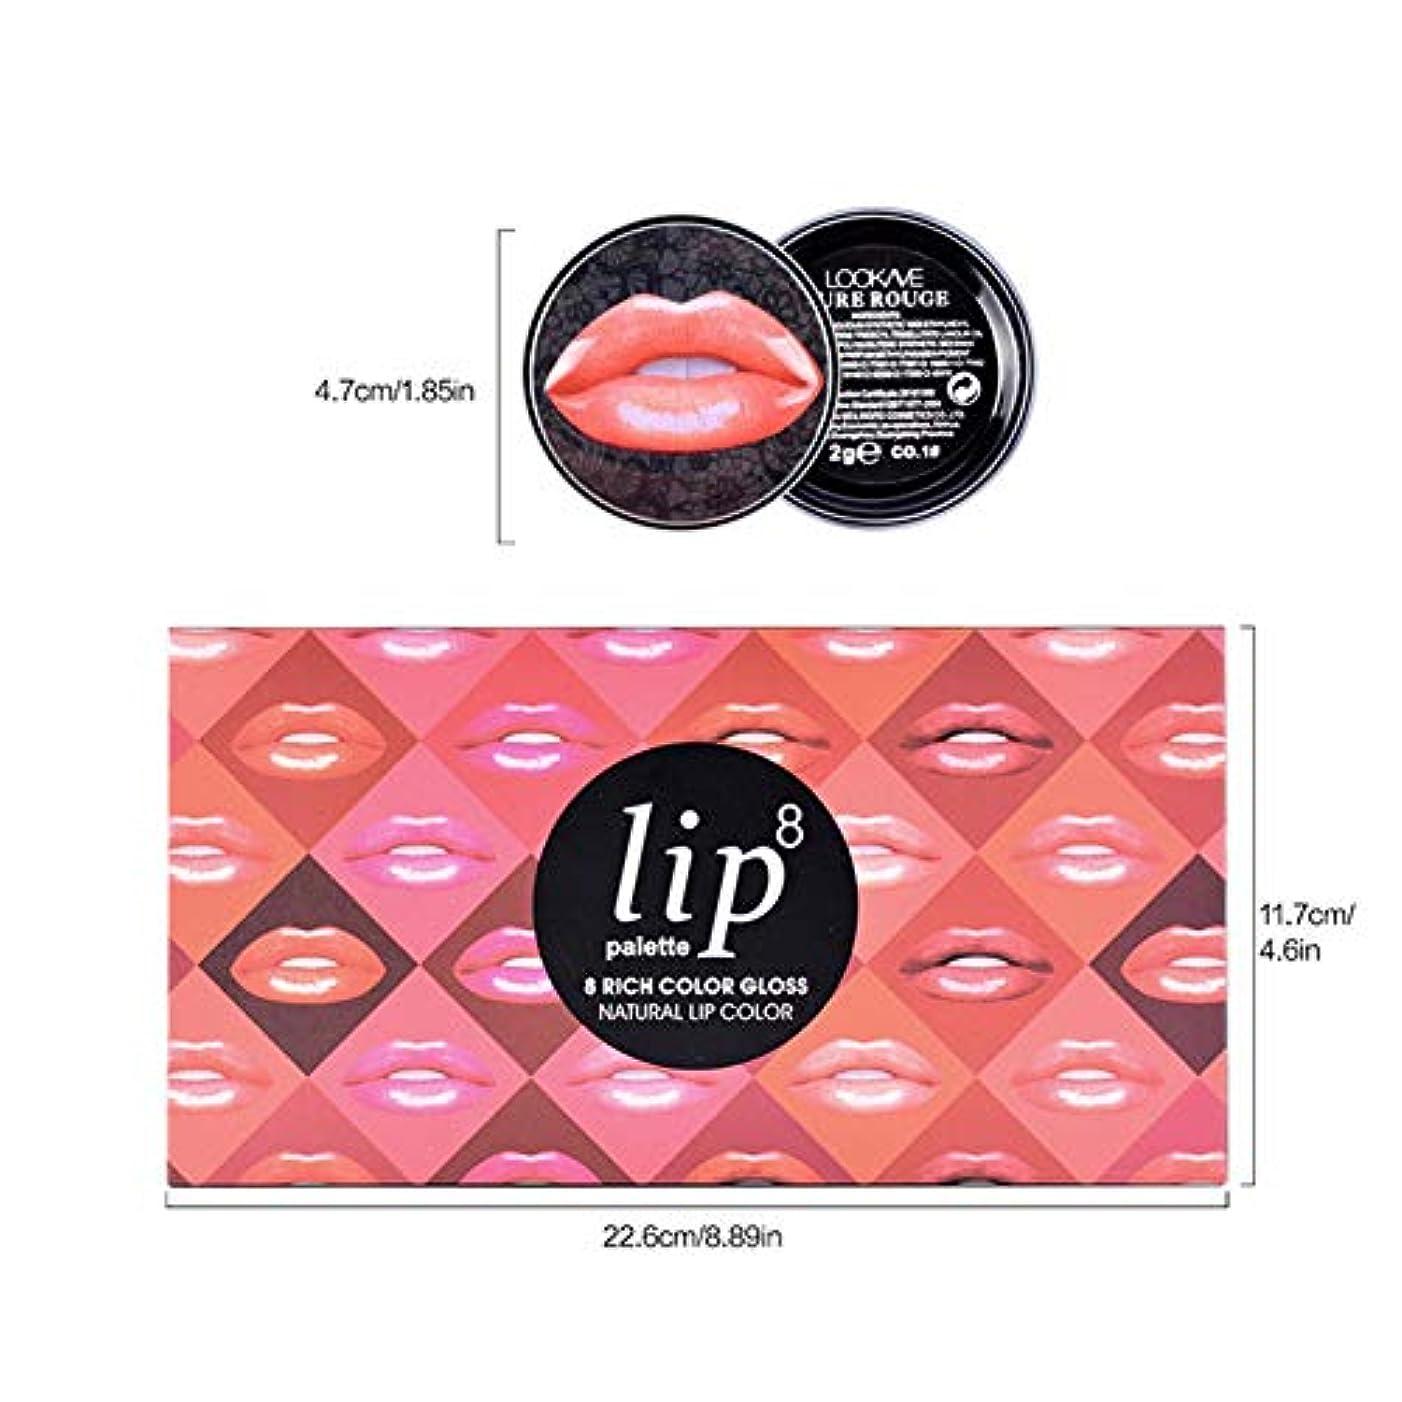 予想外普及滞在リップブラシが付いている8 PCのマットの口紅セット-長続きがする唇の構造セットは色あせた口紅を衰退させません